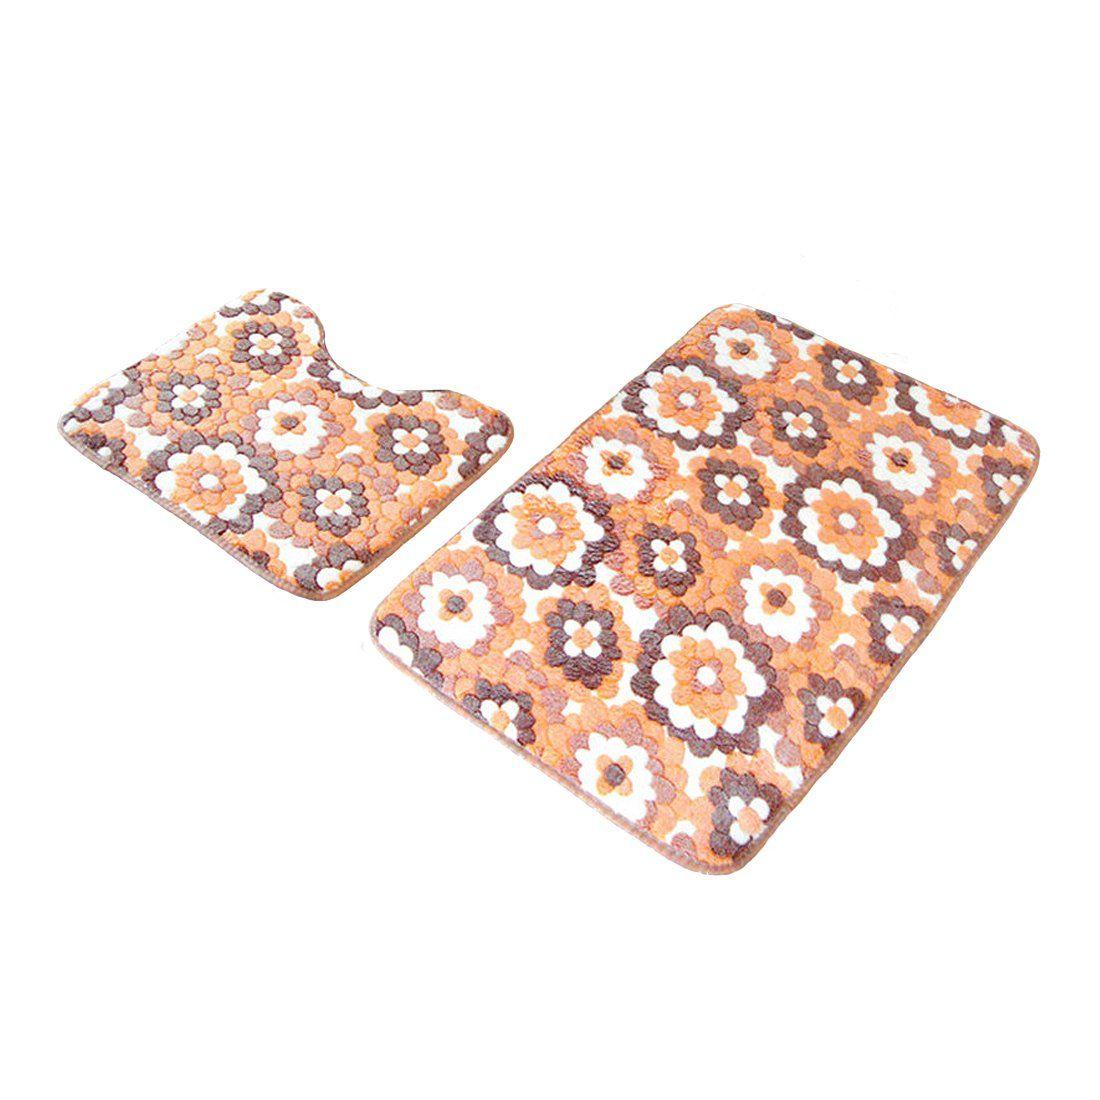 Coral Bathroom Rugs Bathroom Rug Petforu 2pcs Coral Velvet Anti Slip Absorbent Carpet